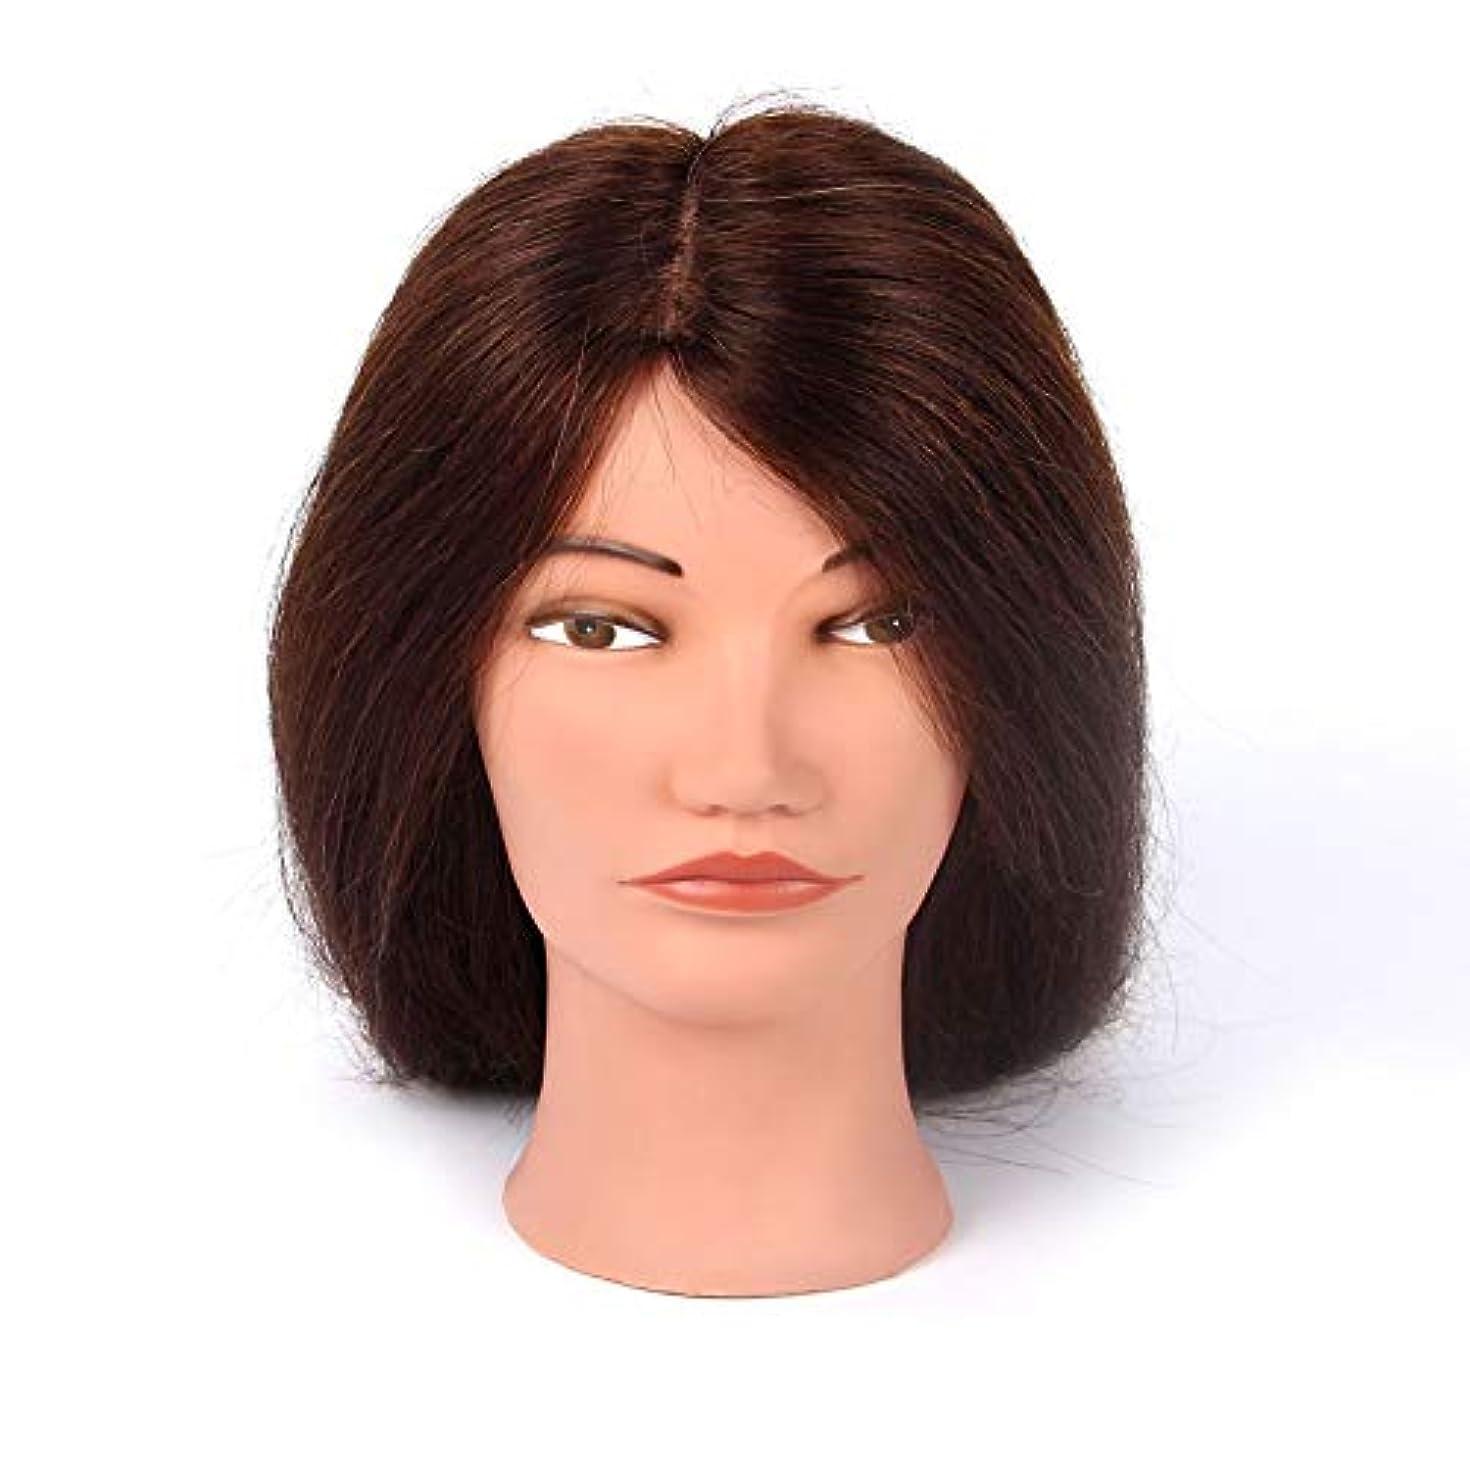 死んでいる知るスナック理髪練習ヘッド吹くホットロールダミーヘッドパーマ髪の染め指導ヘッドメイクアップヘアスタイリングモデルヘッド